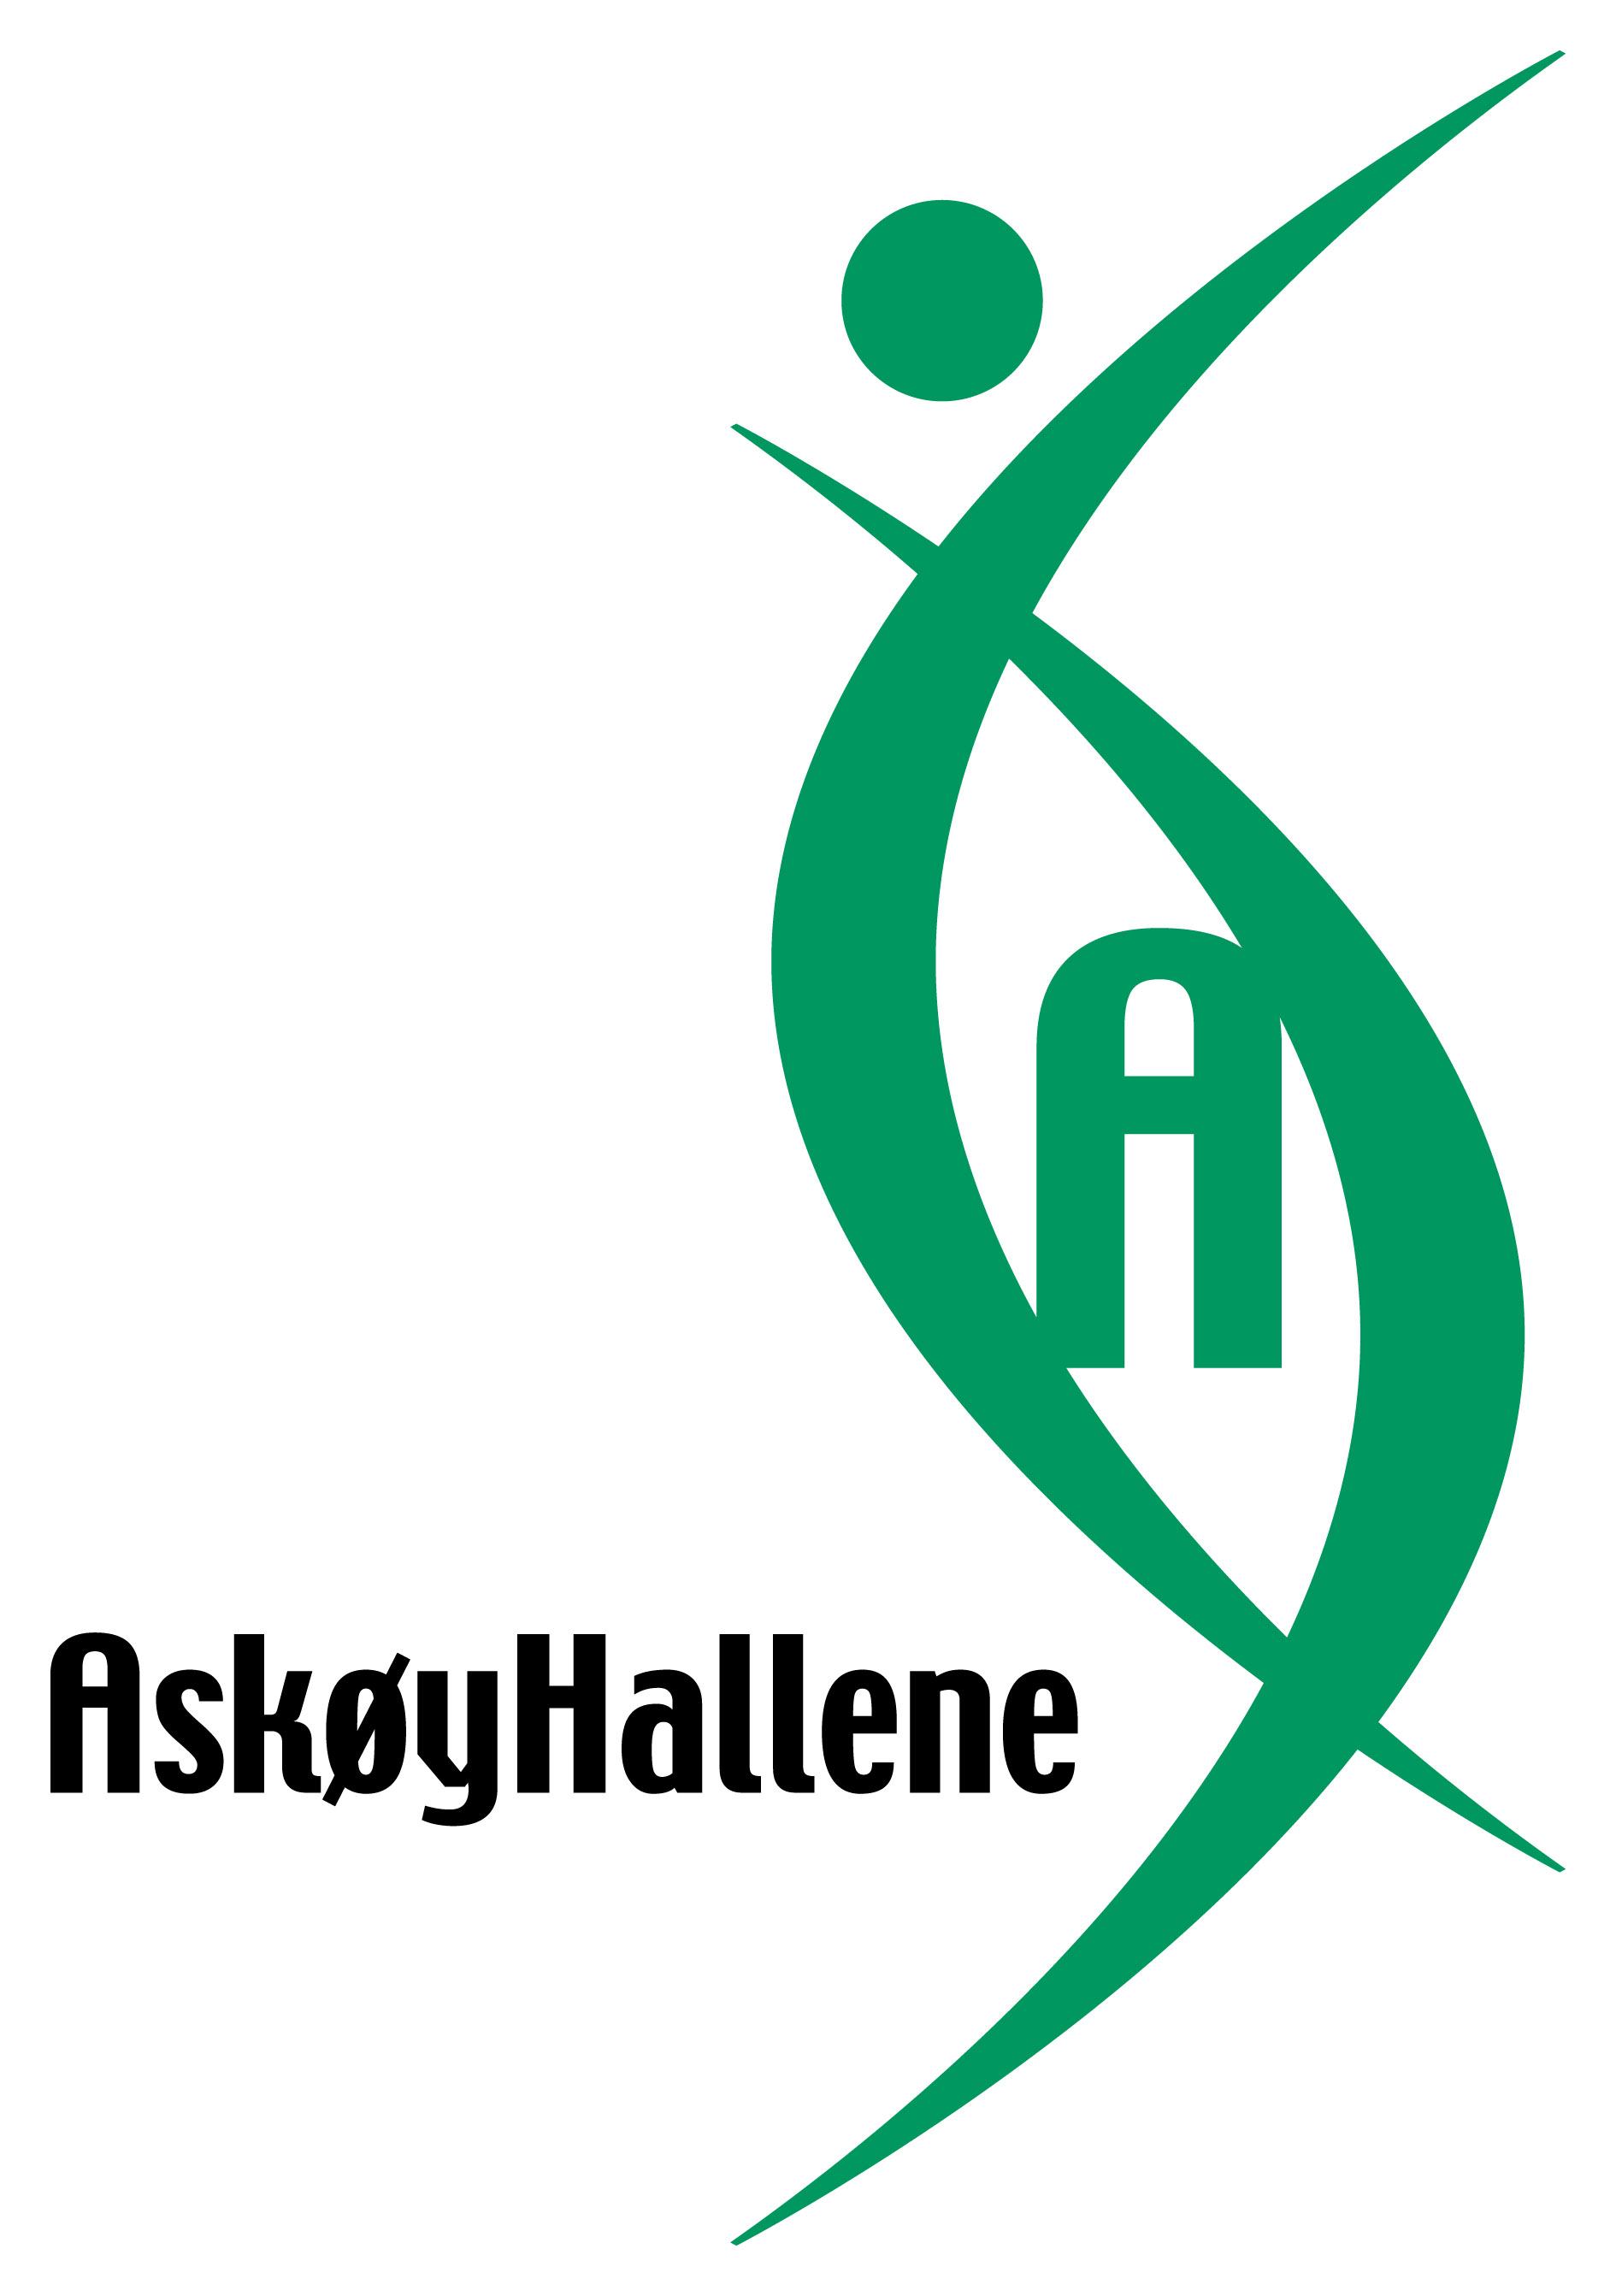 Askøyhallene-logo